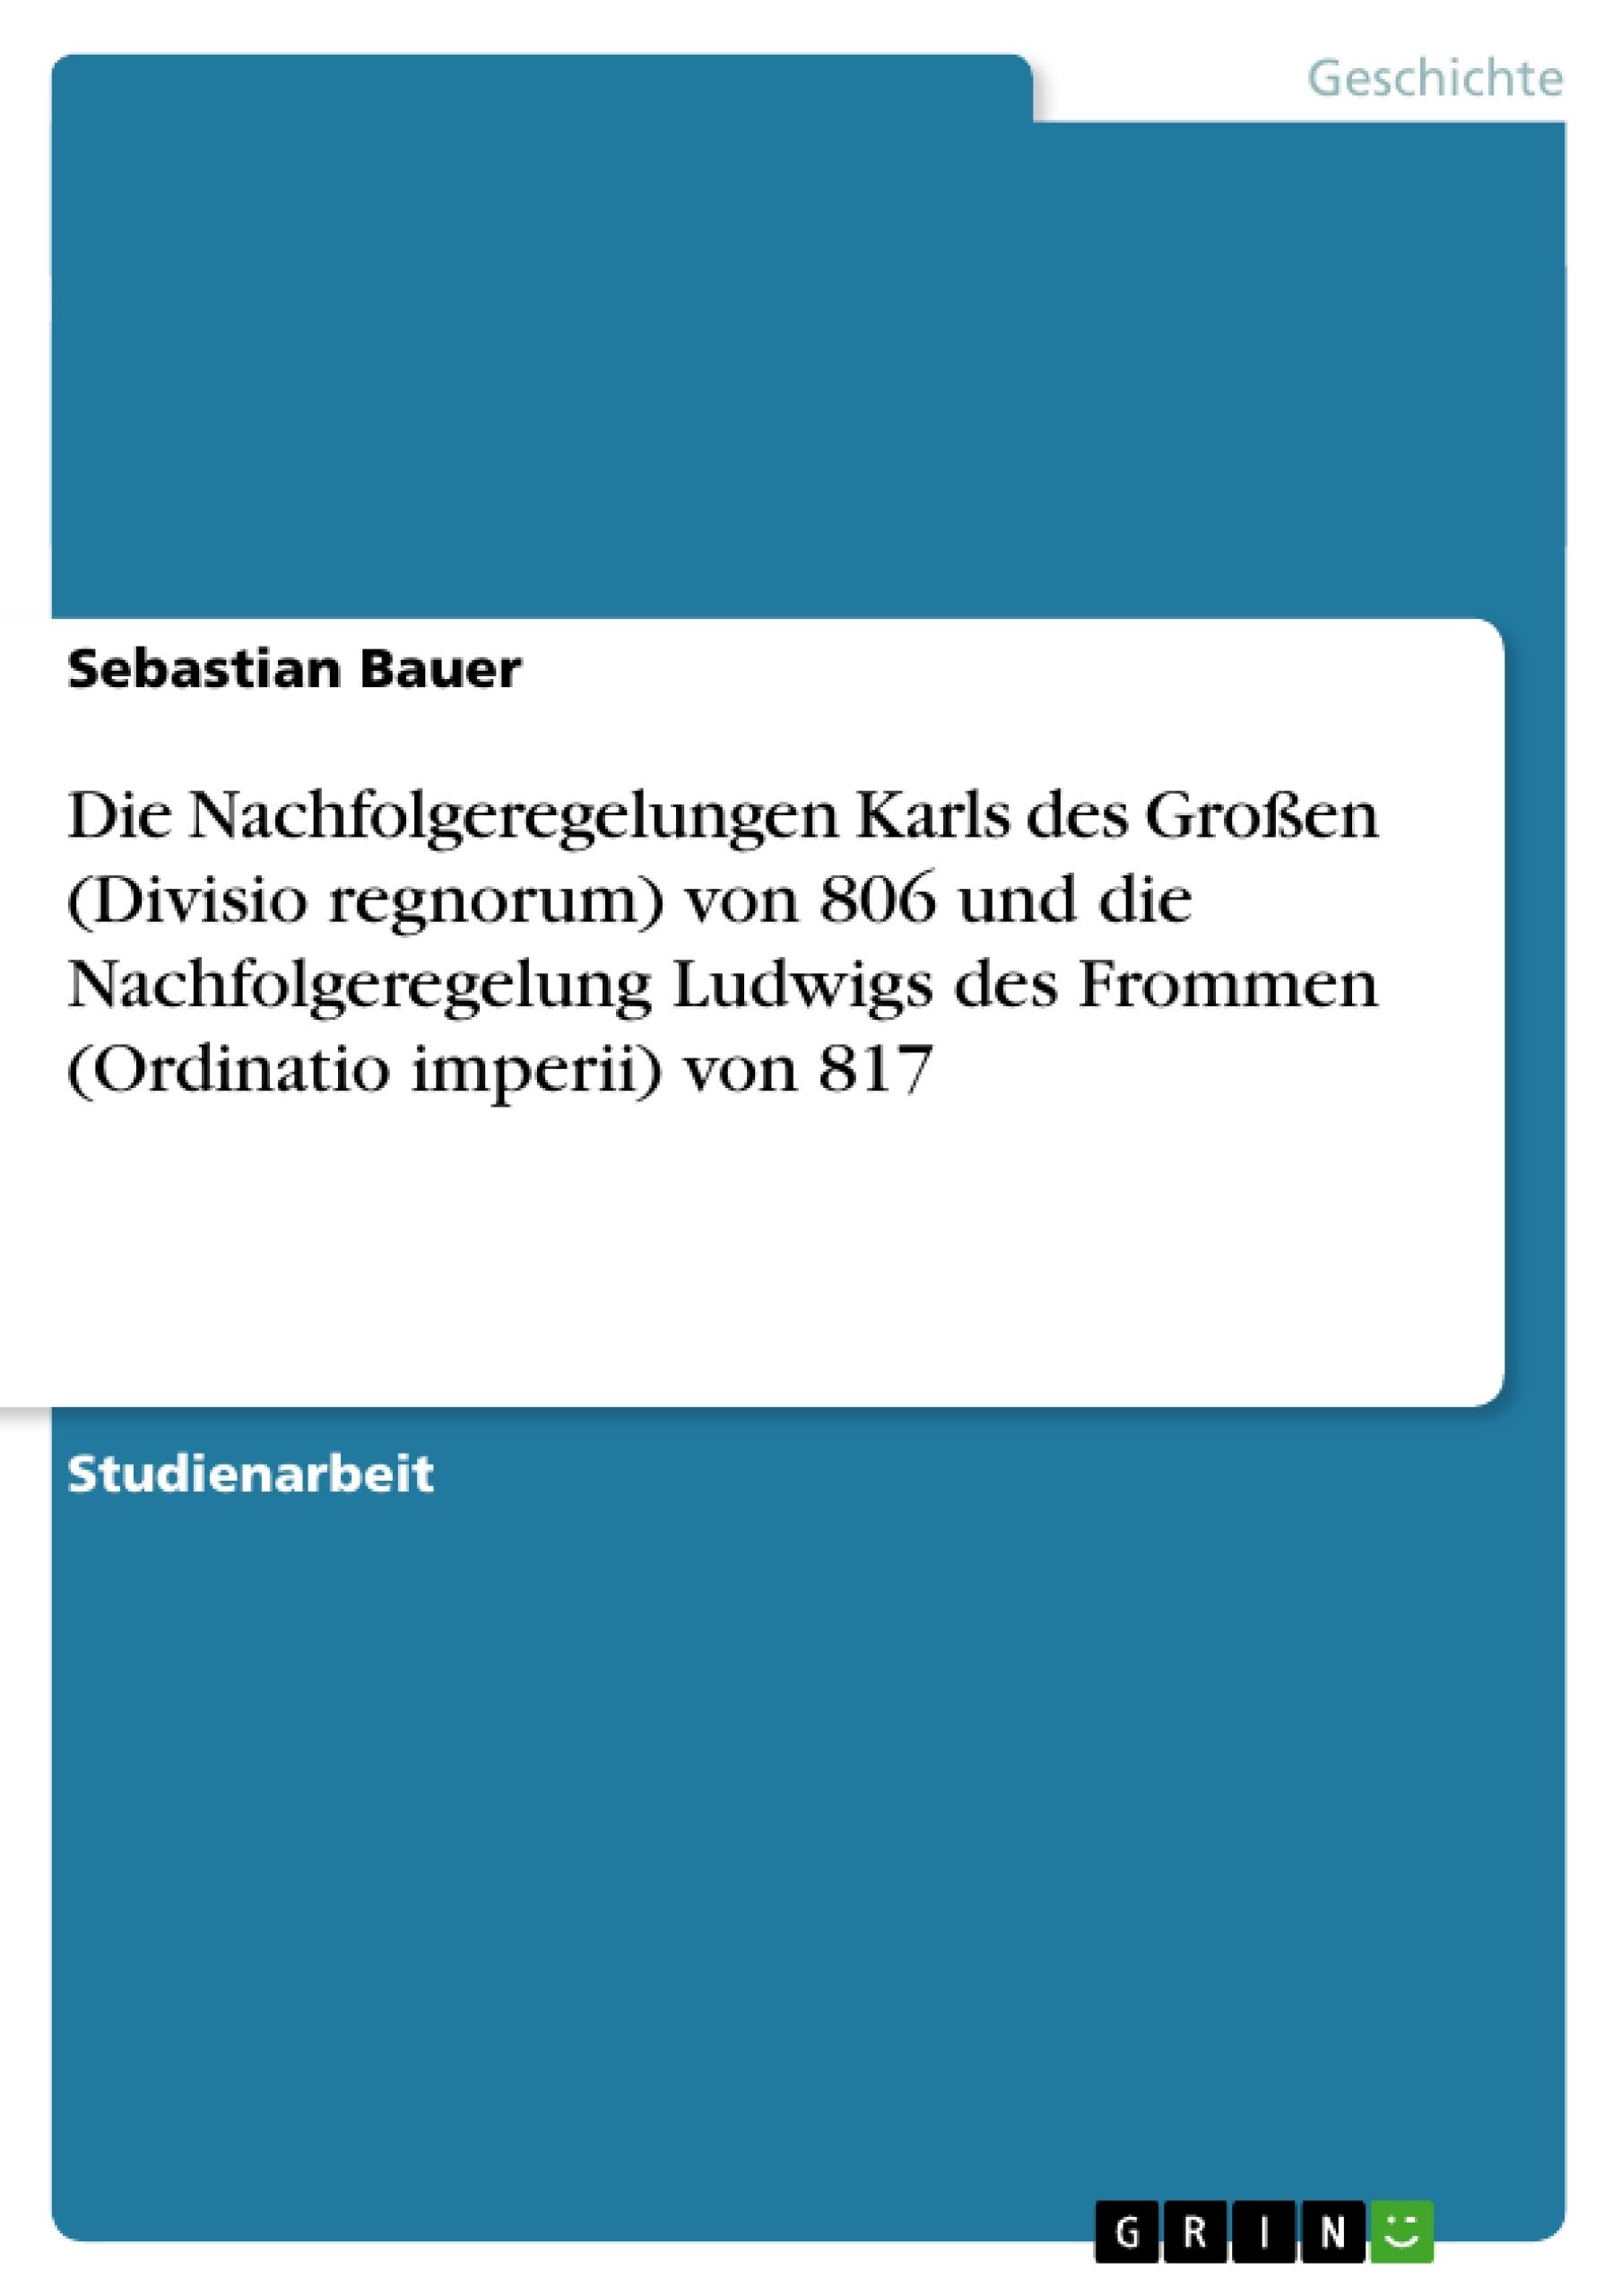 Titel: Die Nachfolgeregelungen Karls des Großen (Divisio regnorum) von 806 und die Nachfolgeregelung Ludwigs des Frommen (Ordinatio imperii) von 817